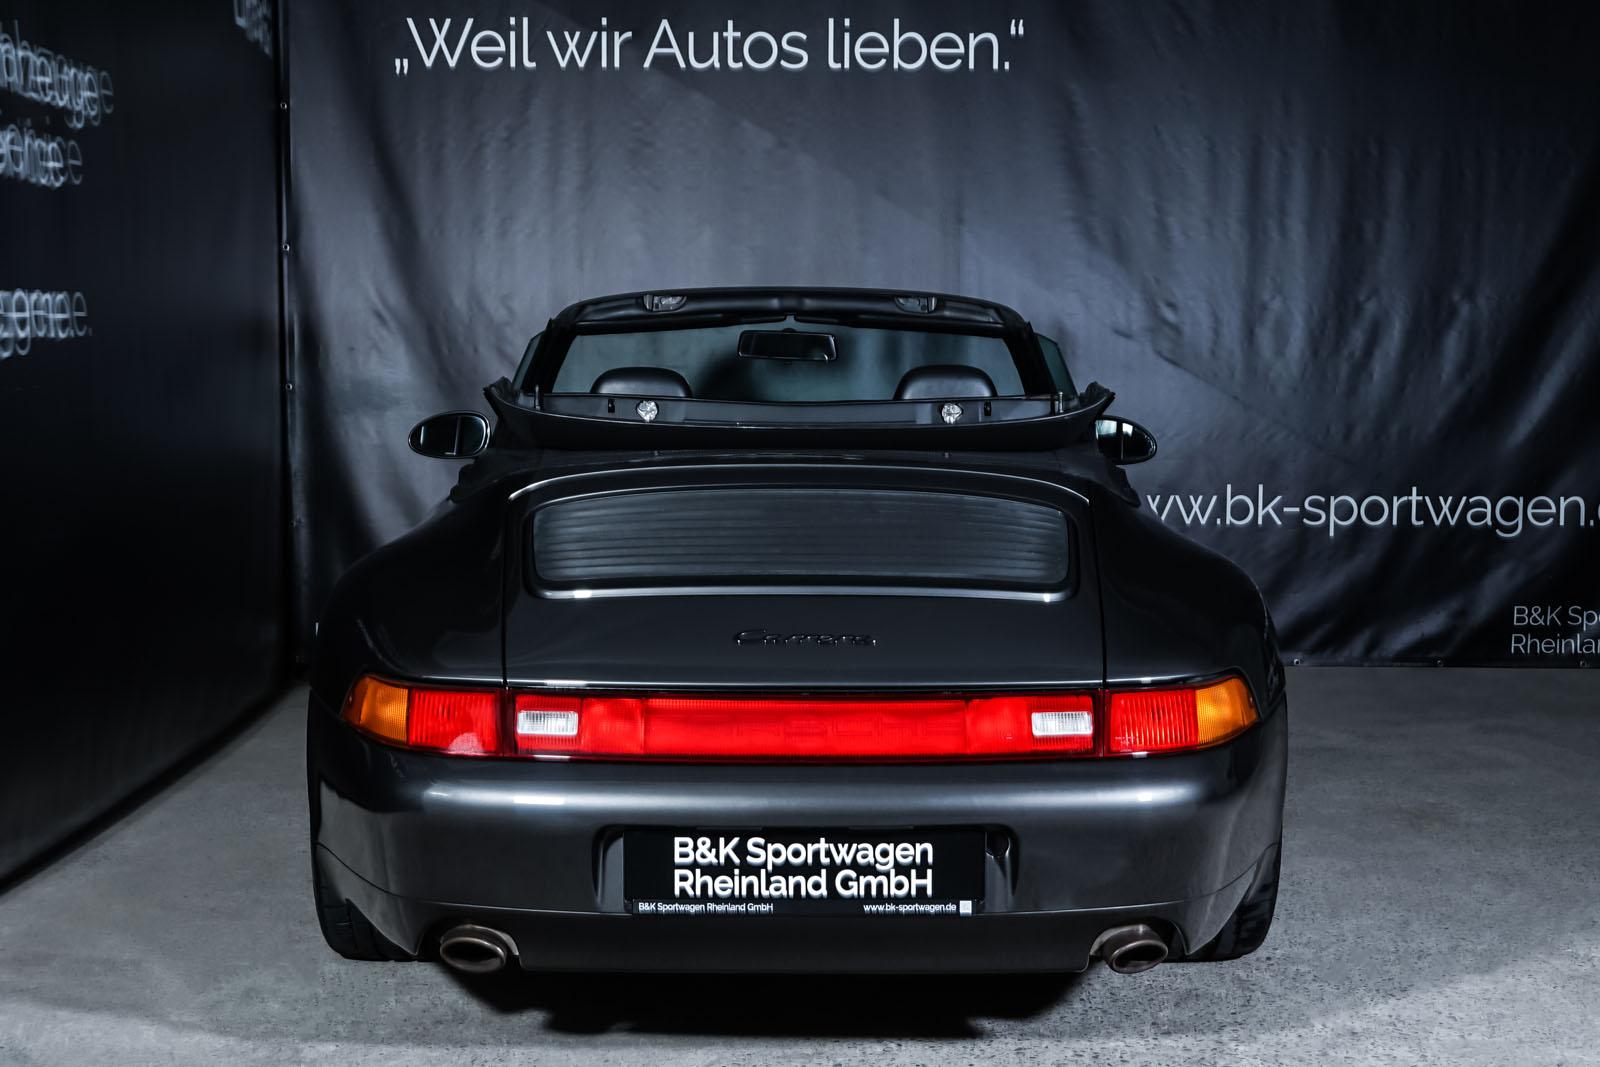 Porsche_993_Carrera_Cabrio_Grau_Schwarz_POR-2375_16_w